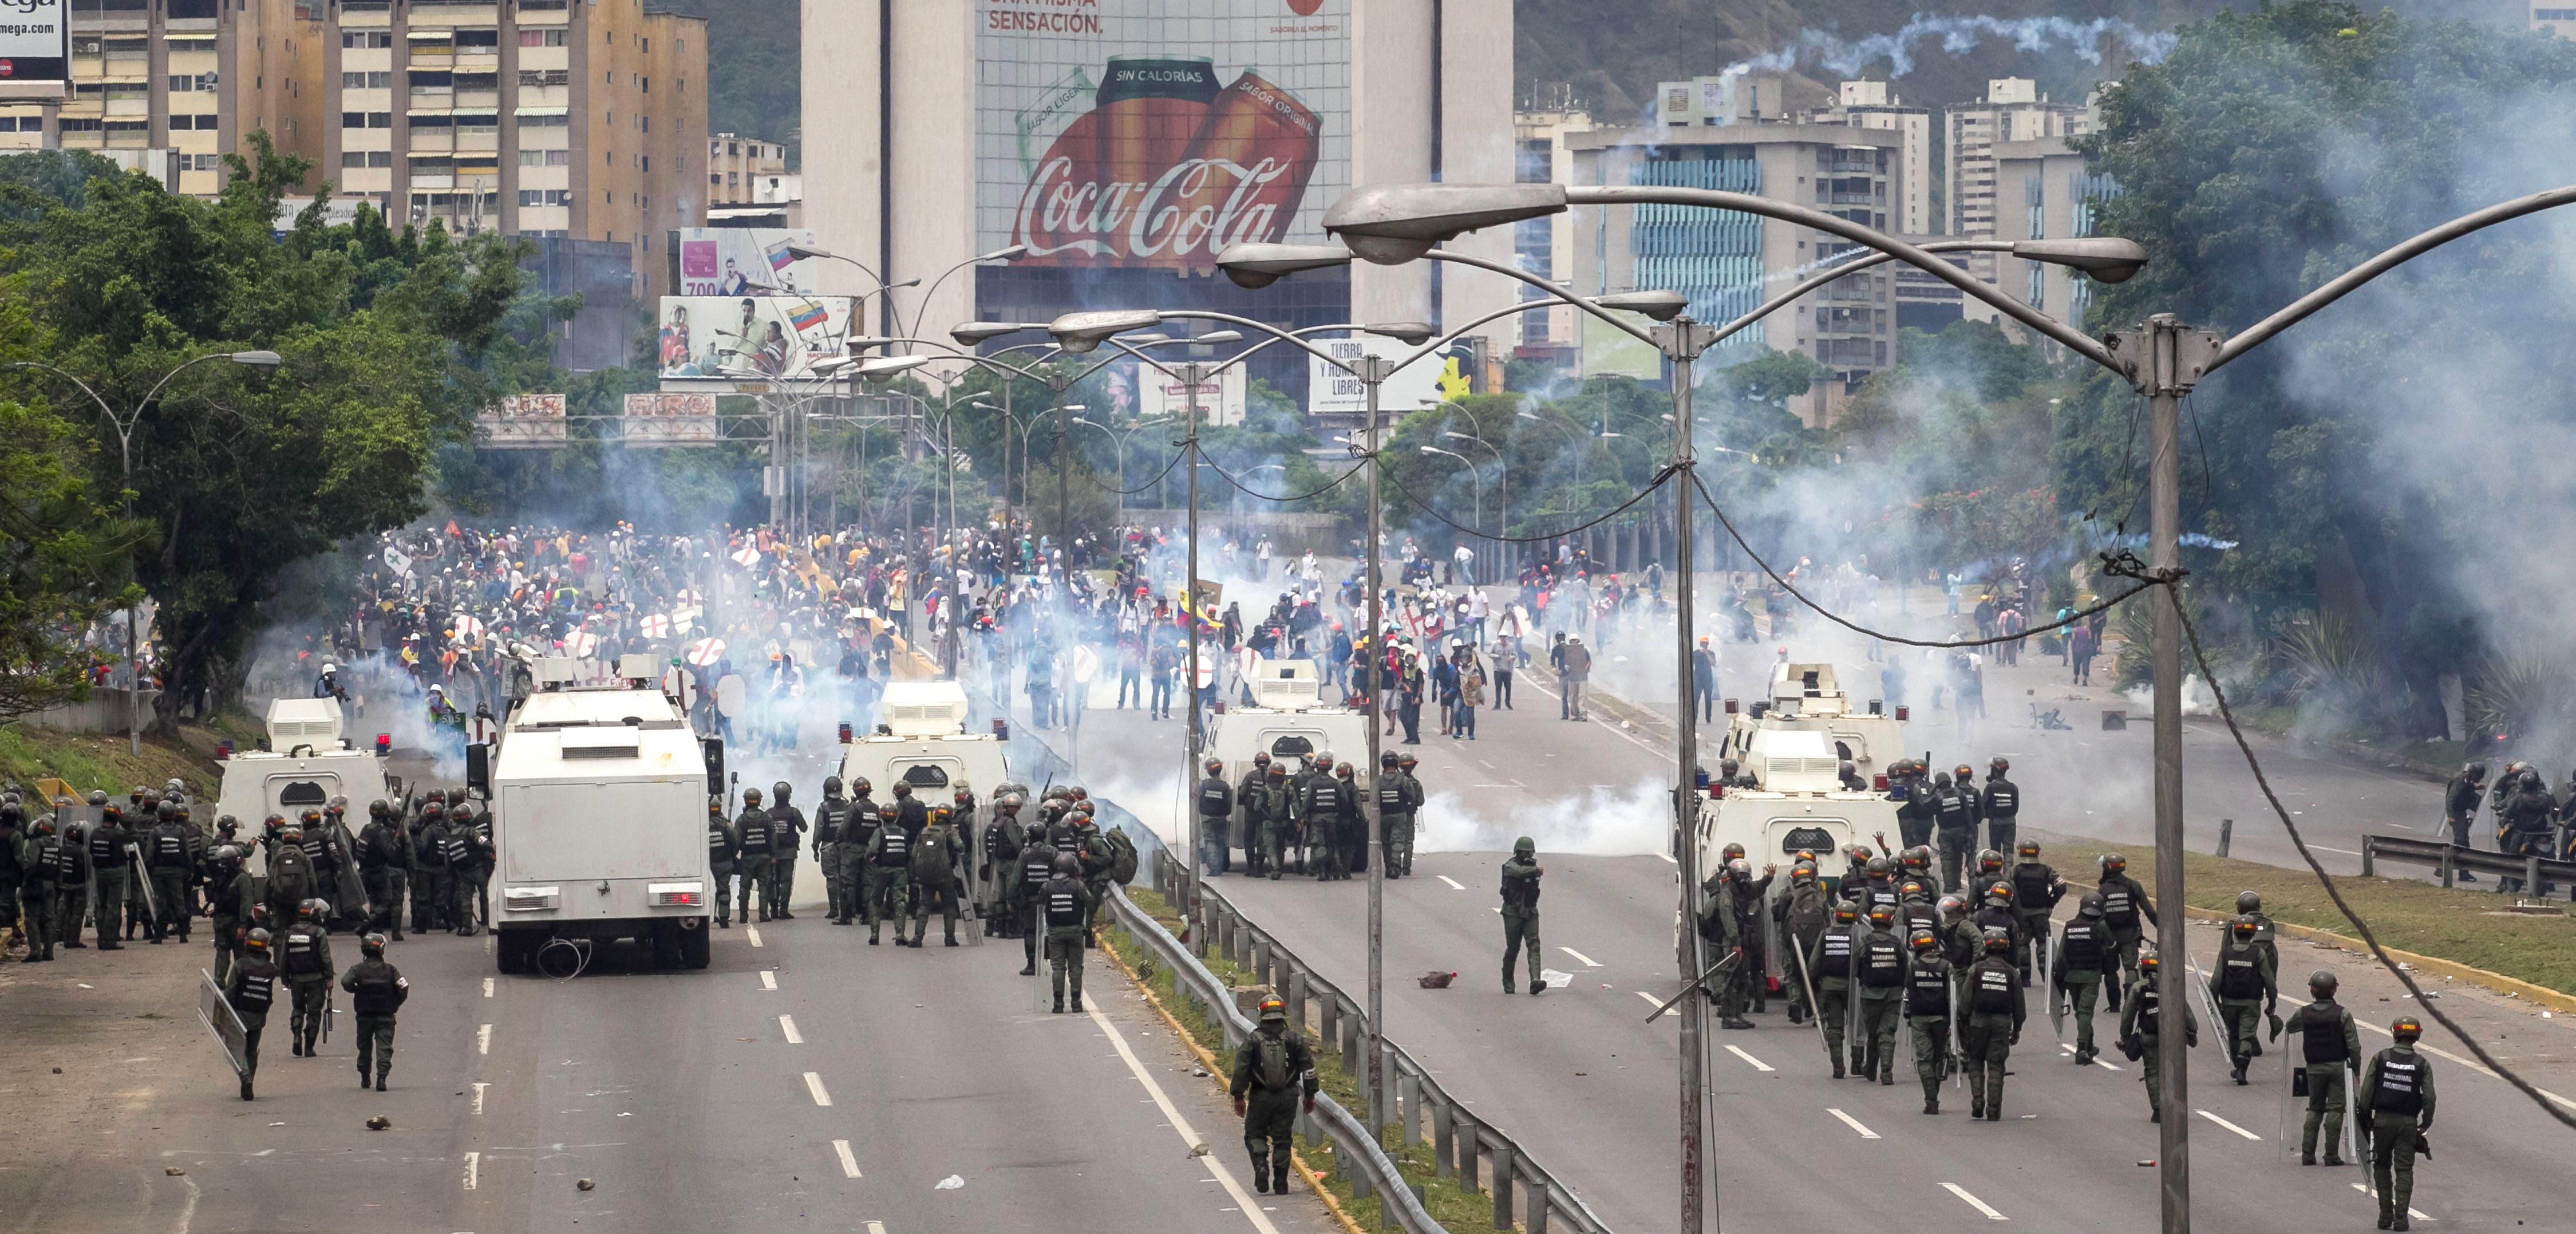 Lupte de stradă în Venezuela. Peste 180 de oameni au fost răniți în confruntări | FOTO